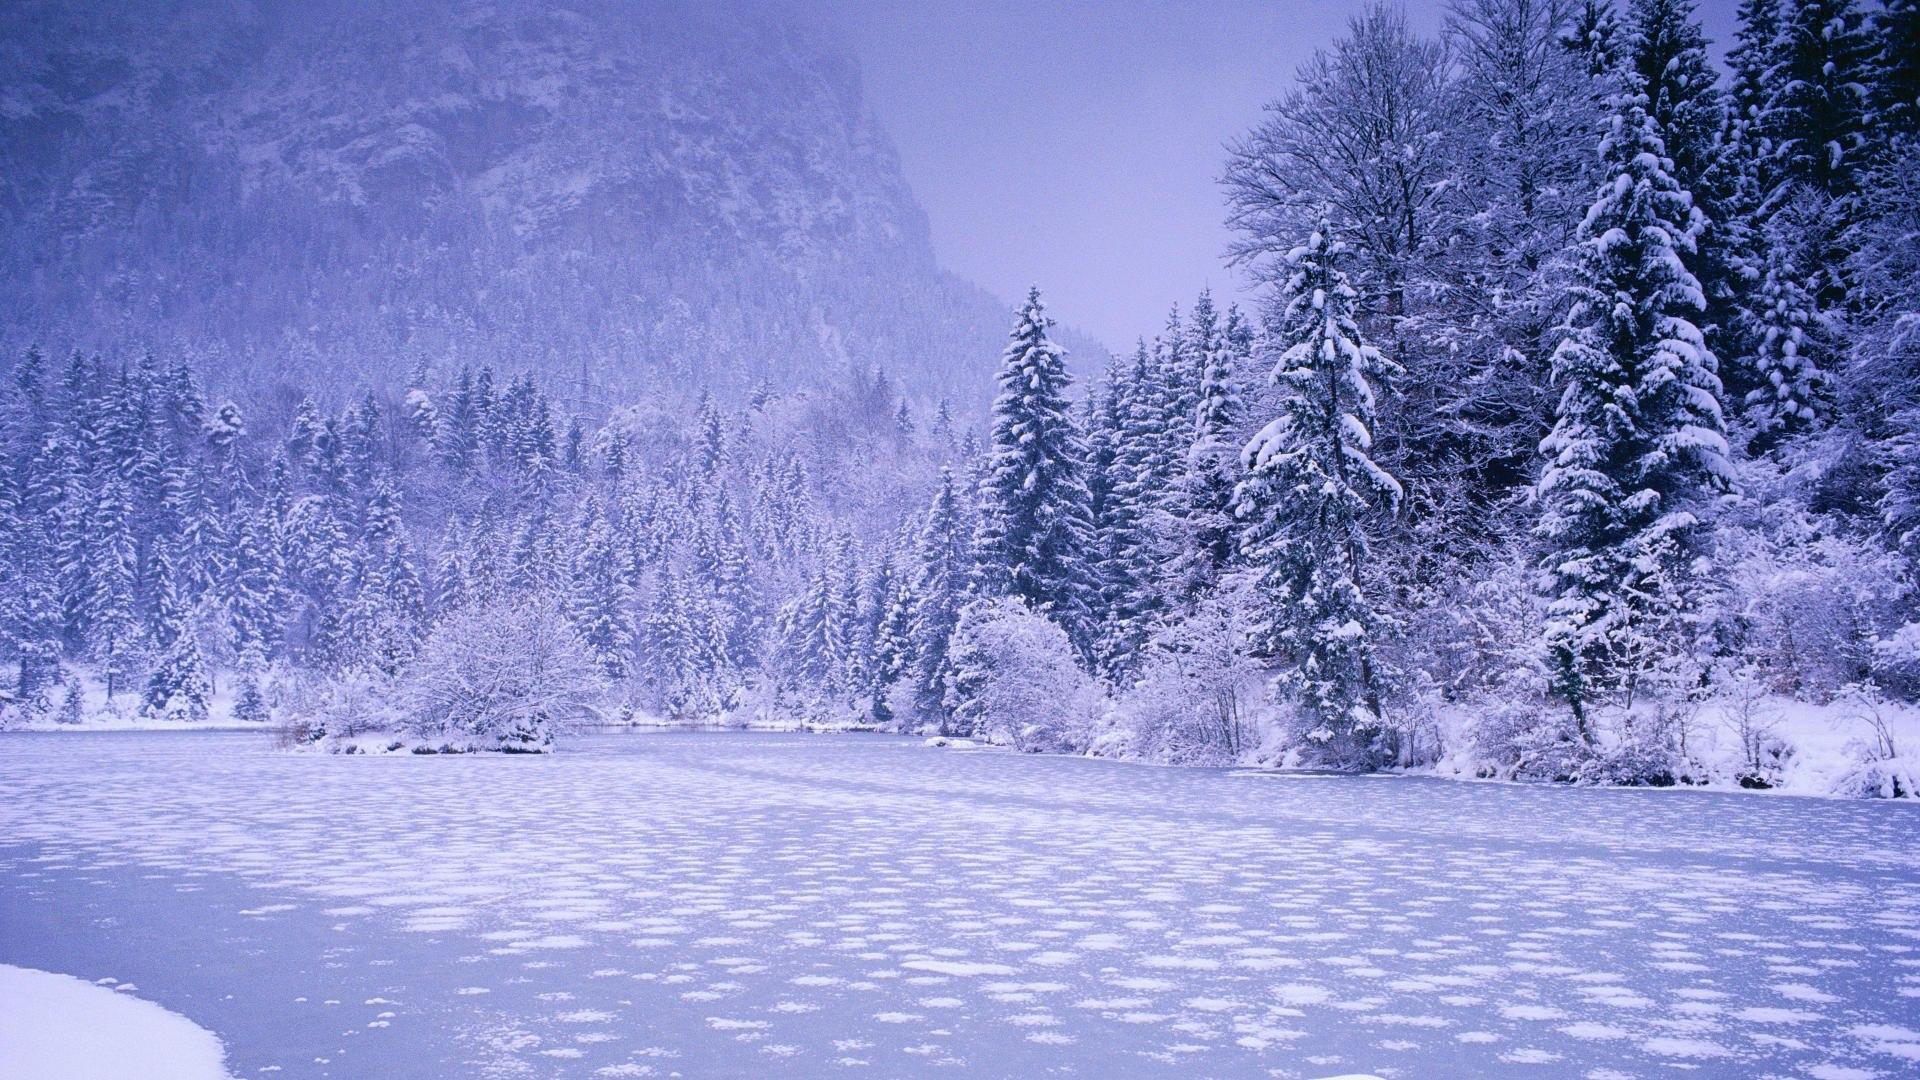 Hd winter wallpapers 1080p wallpapersafari - Wallpaper hd nature winter ...